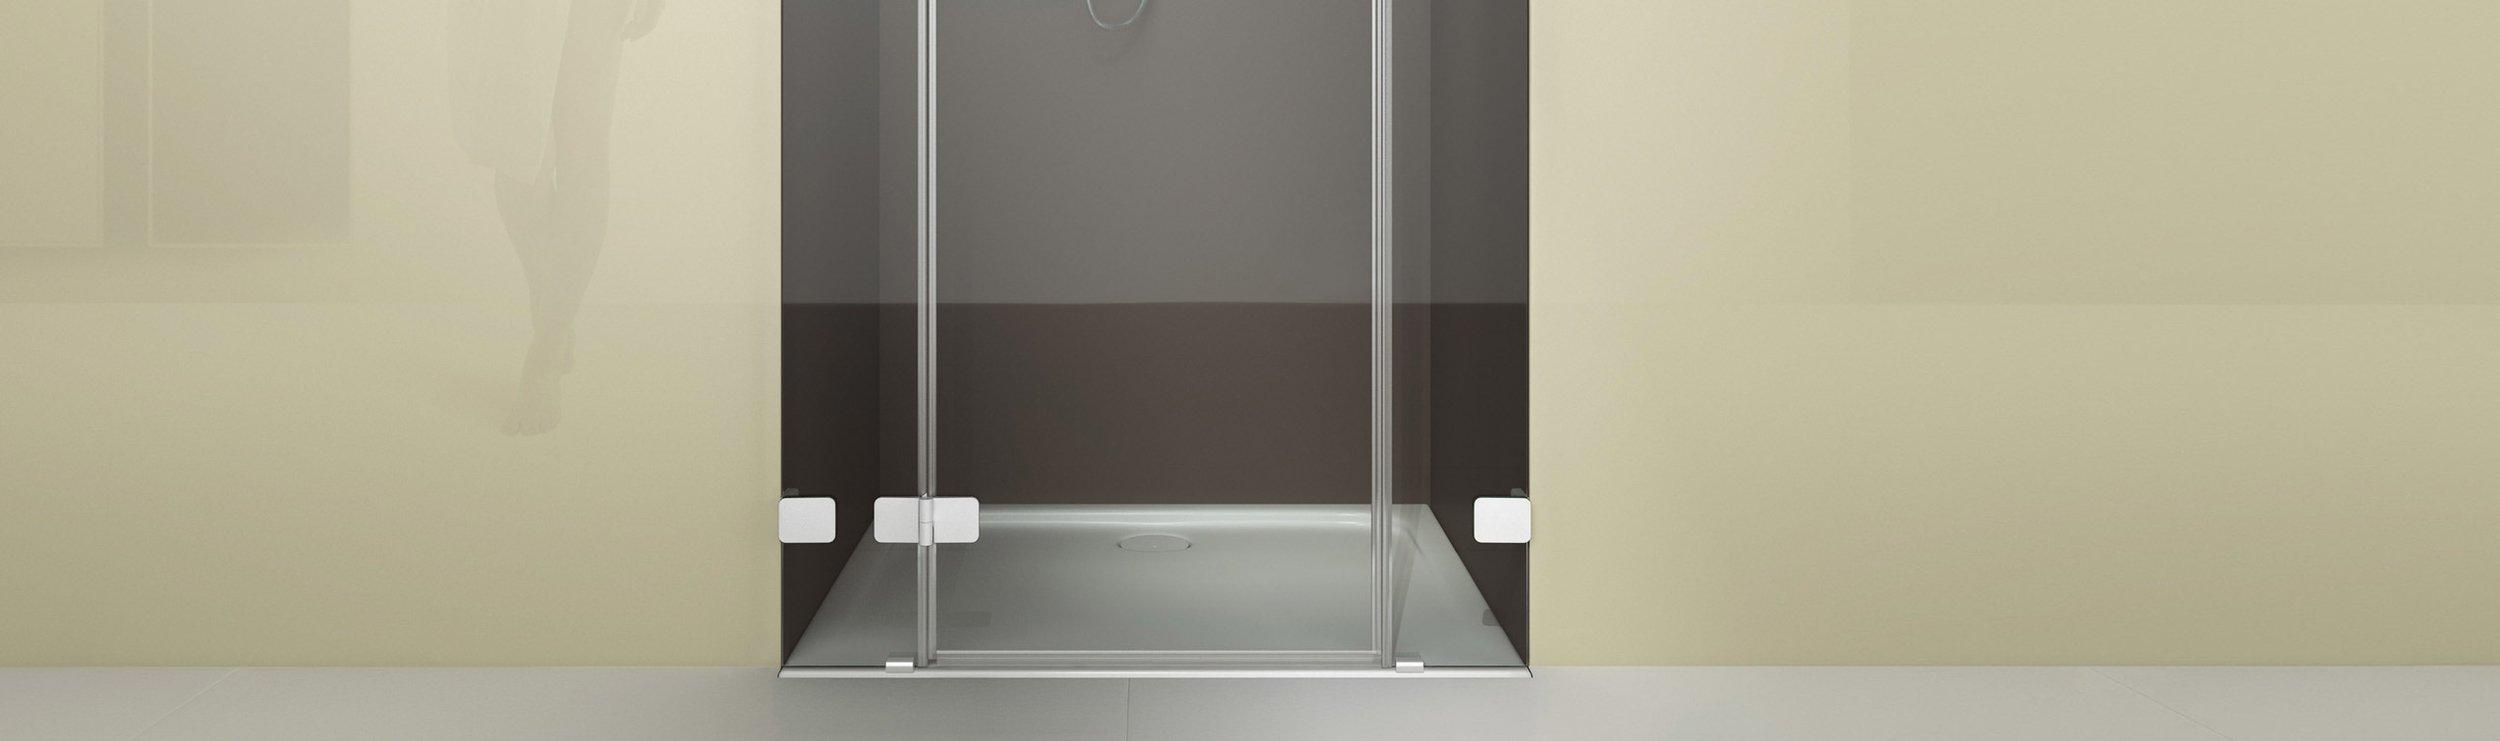 Full Size of Glasabtrennung Dusche Gerahmte Eckeinstieg Komplett Set Fliesen Pendeltür Ebenerdige Grohe Bodengleiche Nachträglich Einbauen Walk In Begehbare Rainshower Dusche Glasabtrennung Dusche